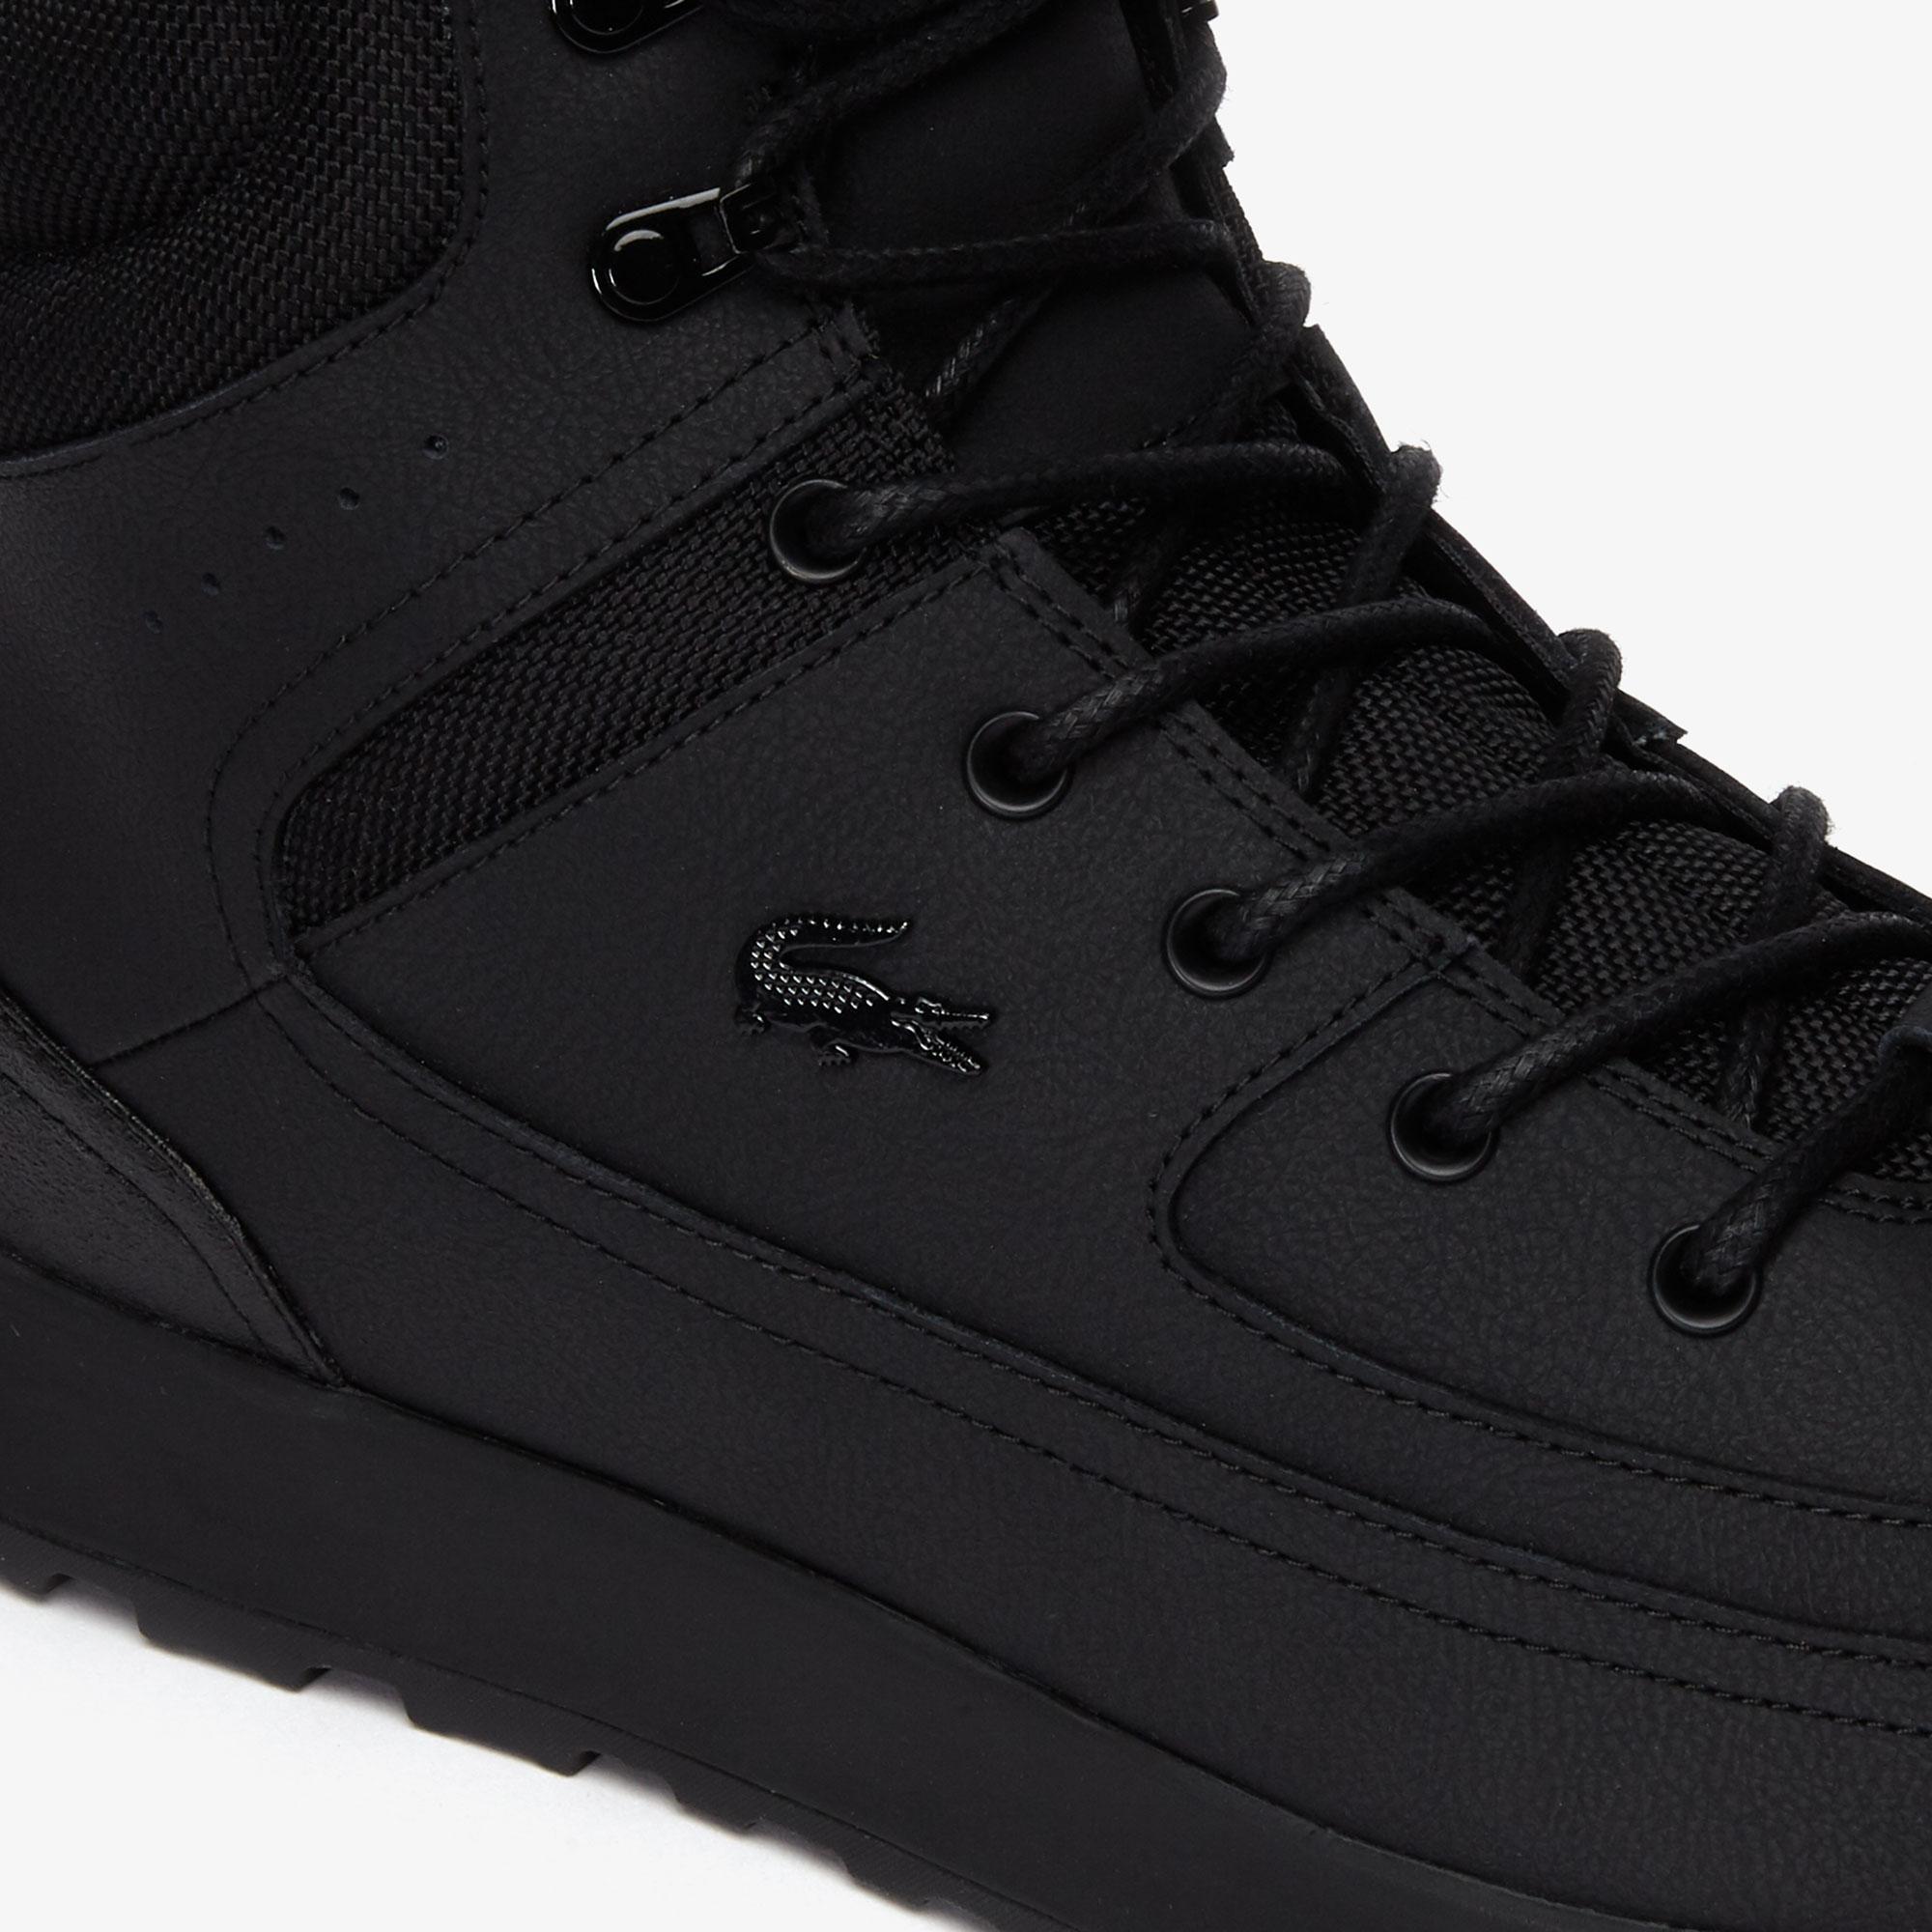 Lacoste Urban Breaker 419 2 Men's Boots